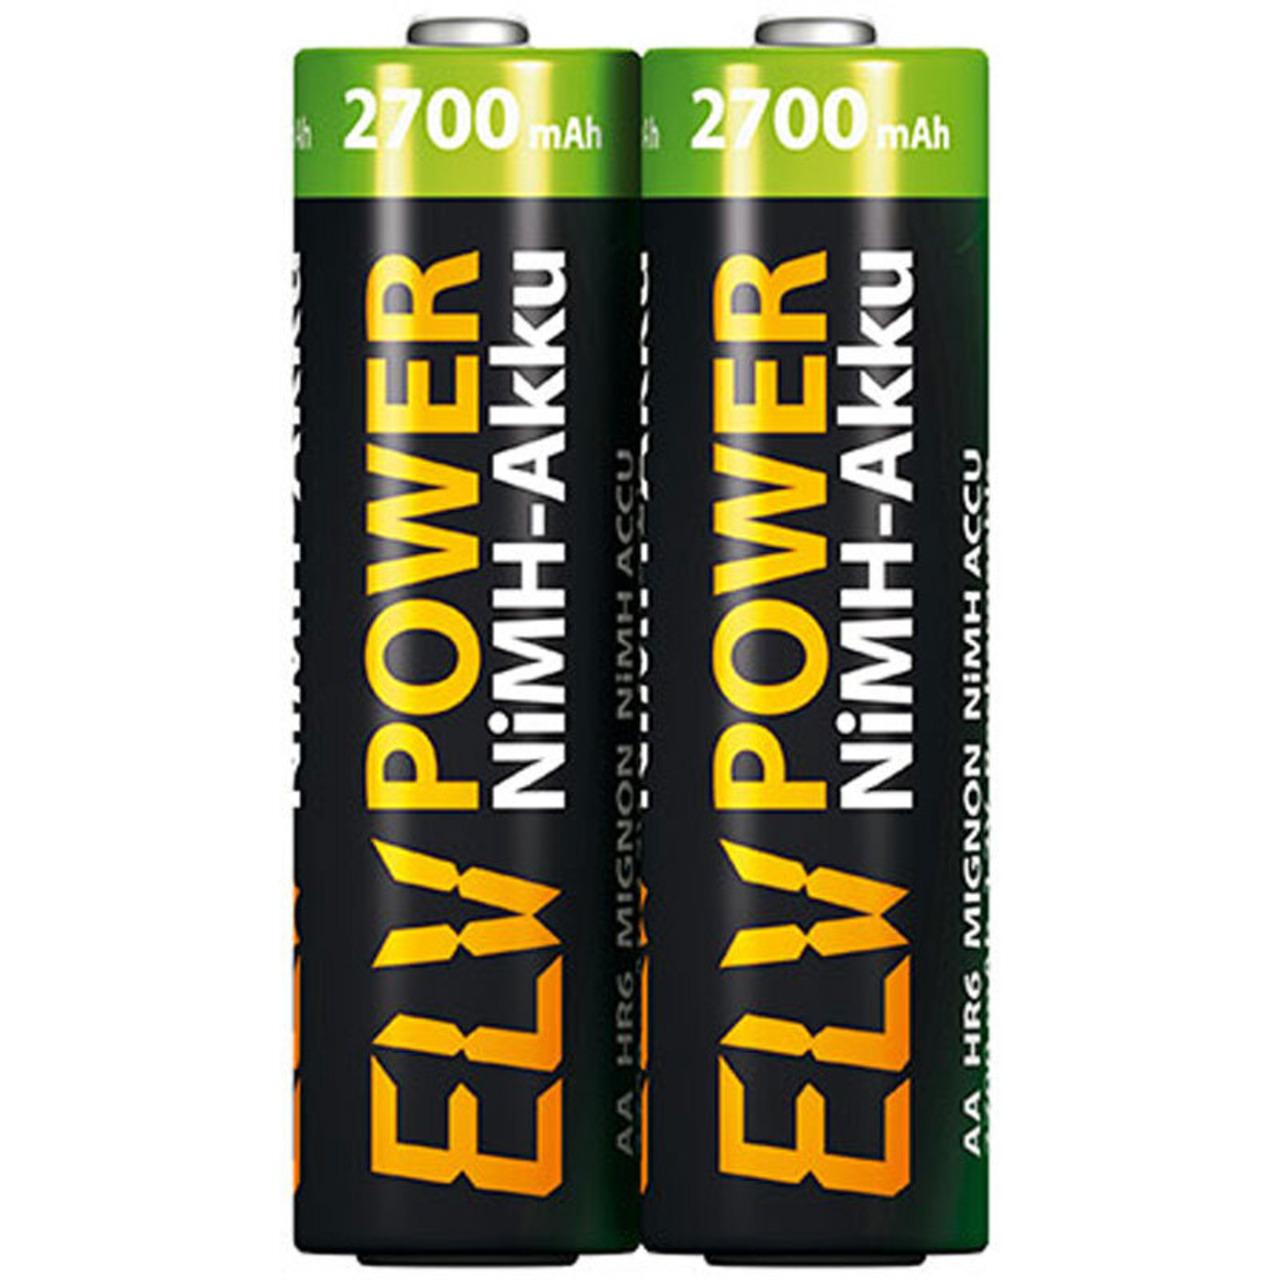 ELV Power NiMH-Akku Mignon Typ 2700- 2500 mAh- 2er Pack